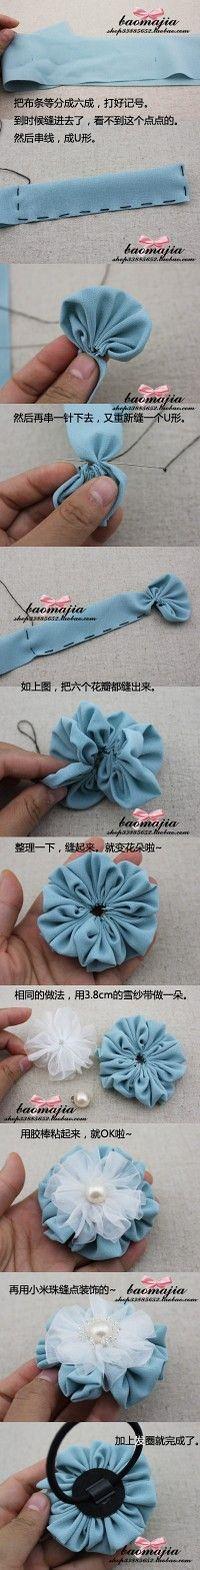 DIY fiore di stoffa